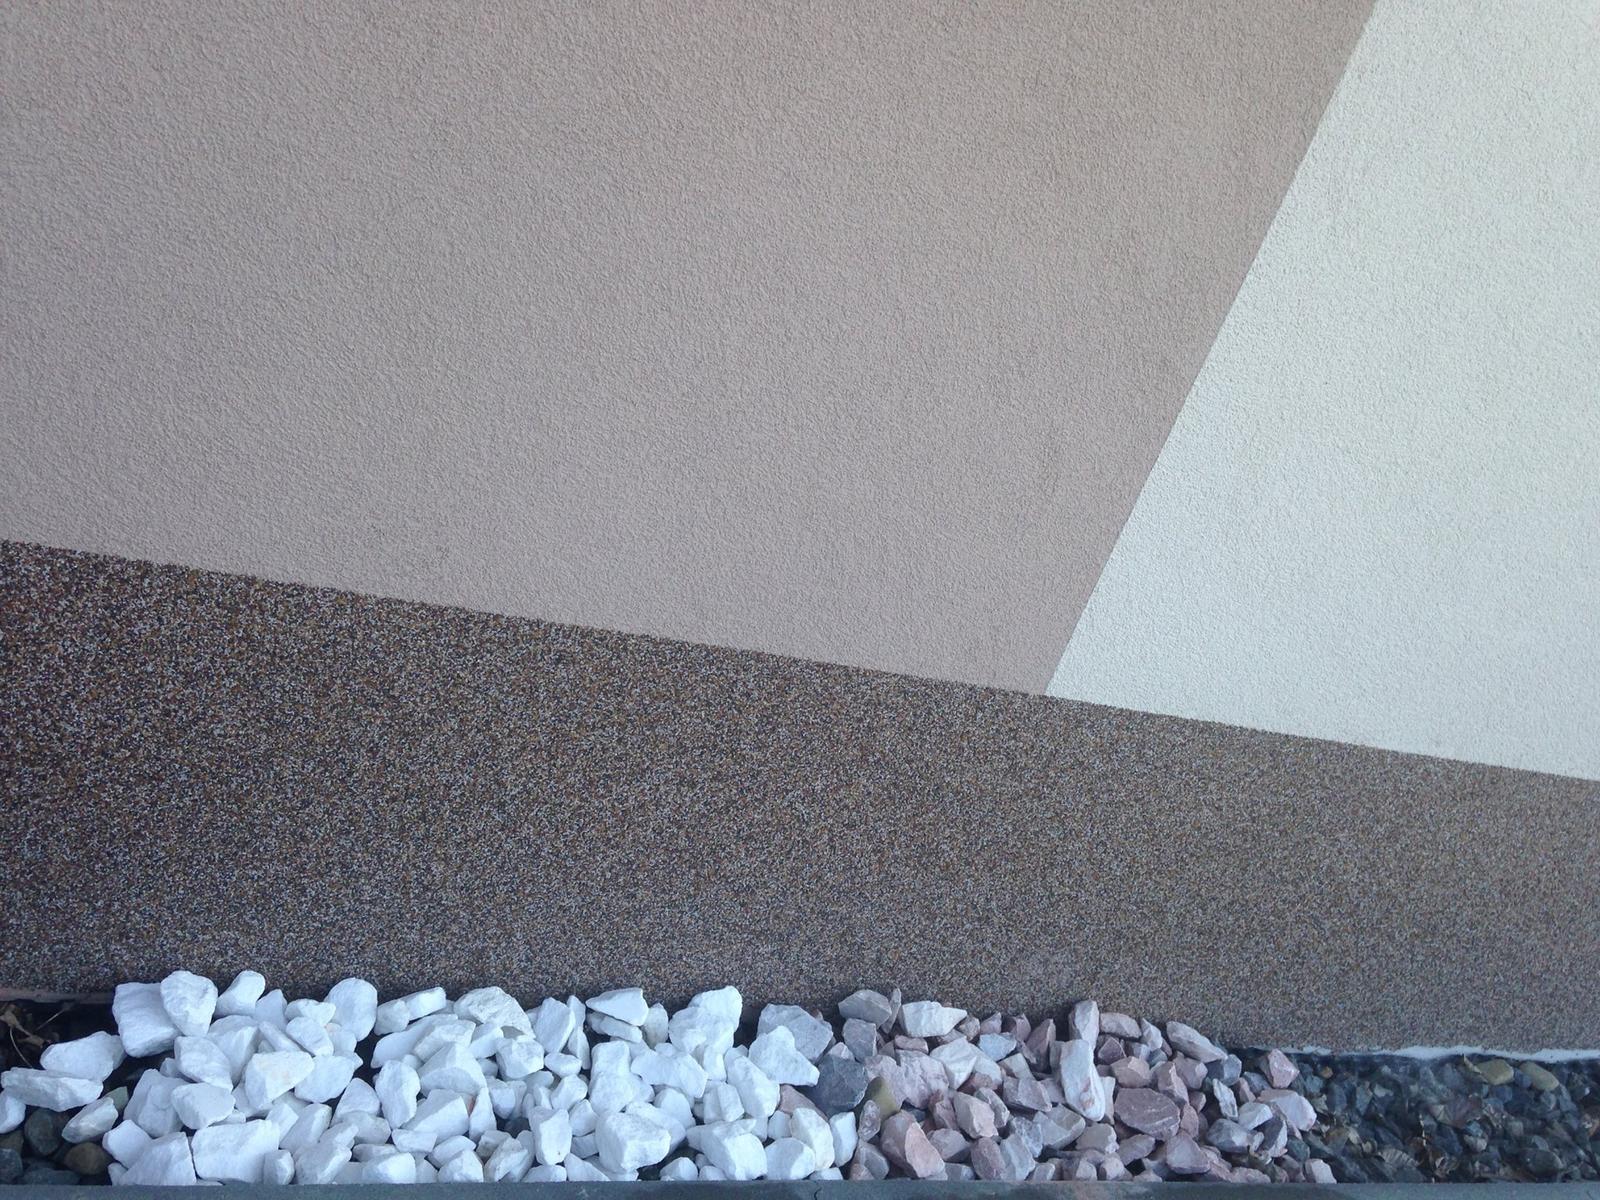 Prosím poradíte který kámen se spíše hodí k našemu domu? bílý nebo narůžovělý?? - Obrázek č. 2